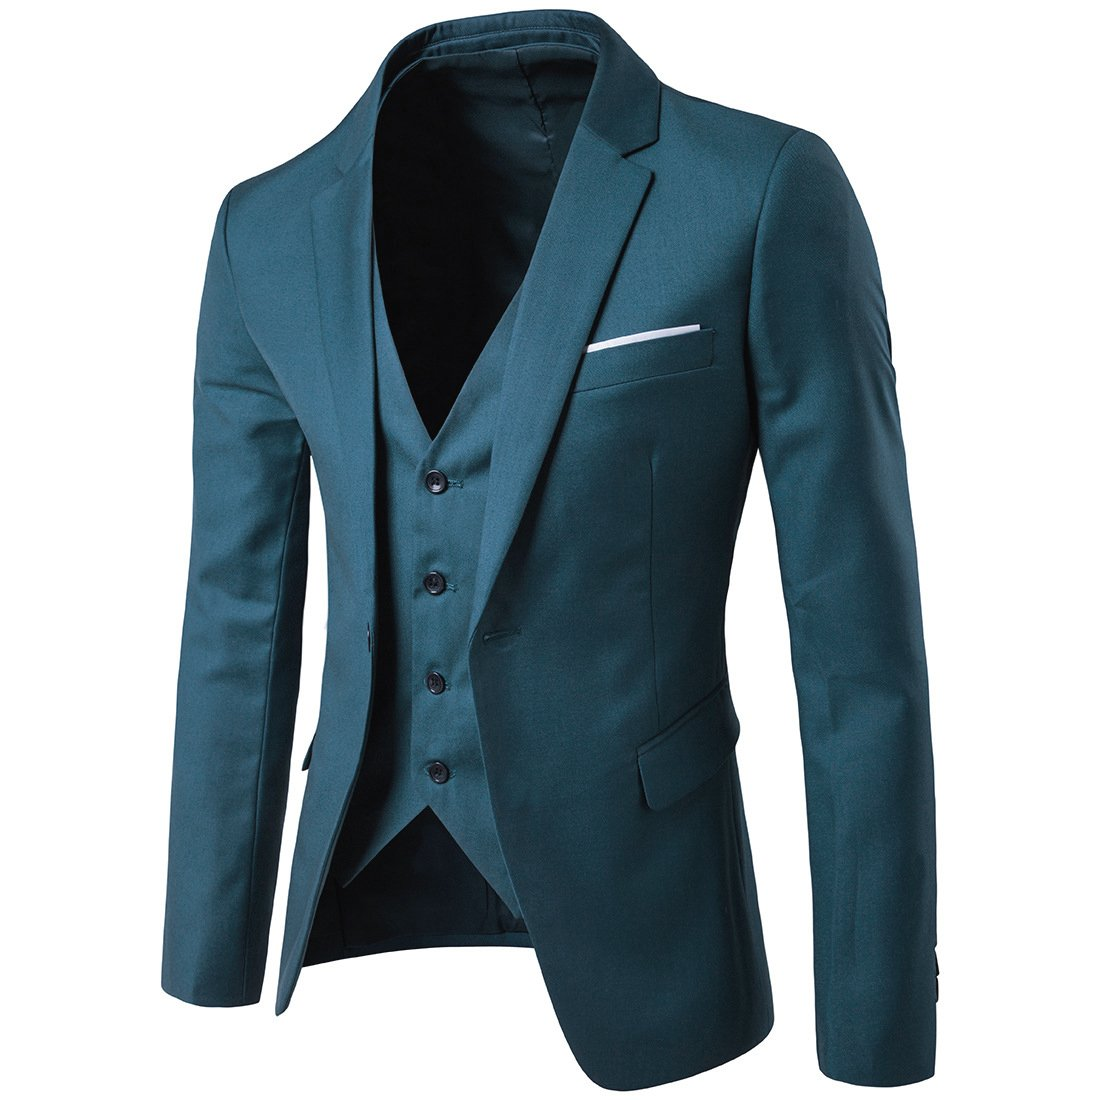 MAGE MALE Men\'s 3 Pieces Suit Elegant Solid One Button Slim Fit ...